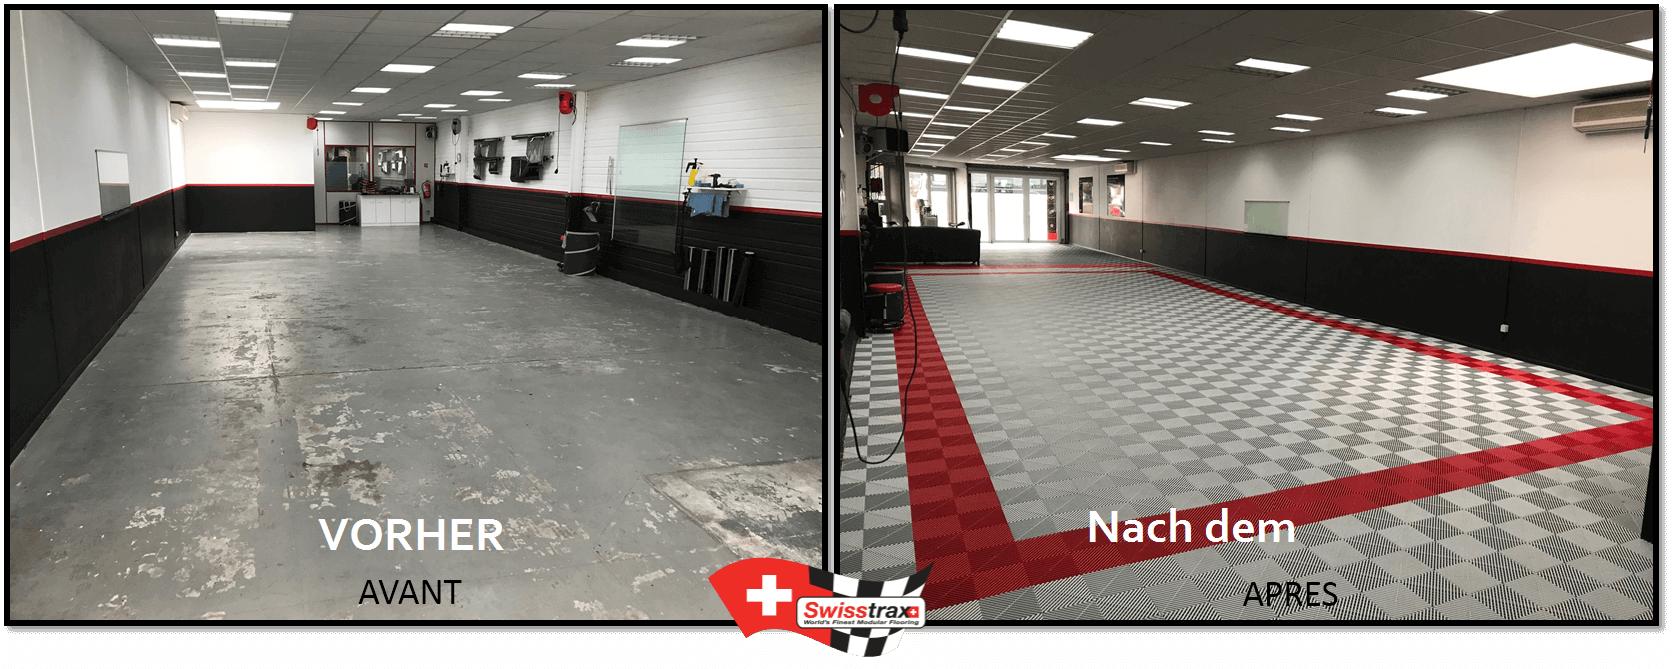 Swisstrax-Bodenplatten für Industriehallen und Werkstätten